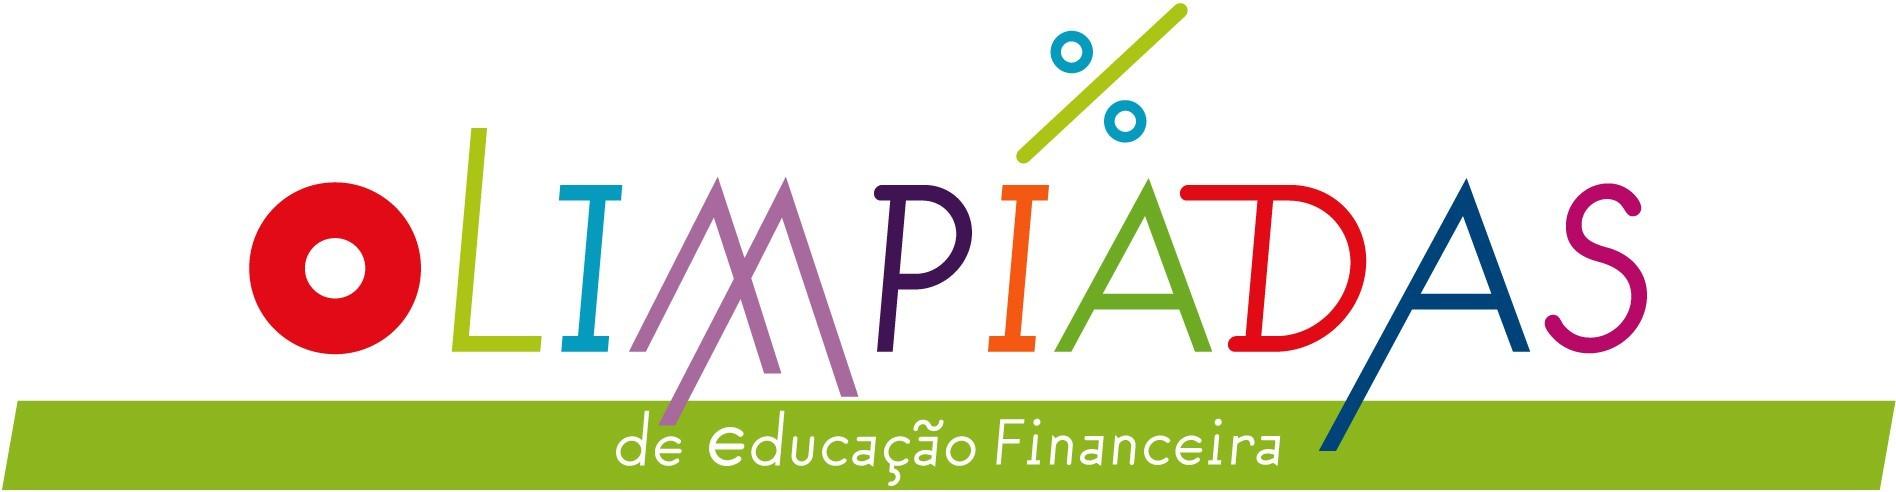 Olimpíadas de Educação Financeira